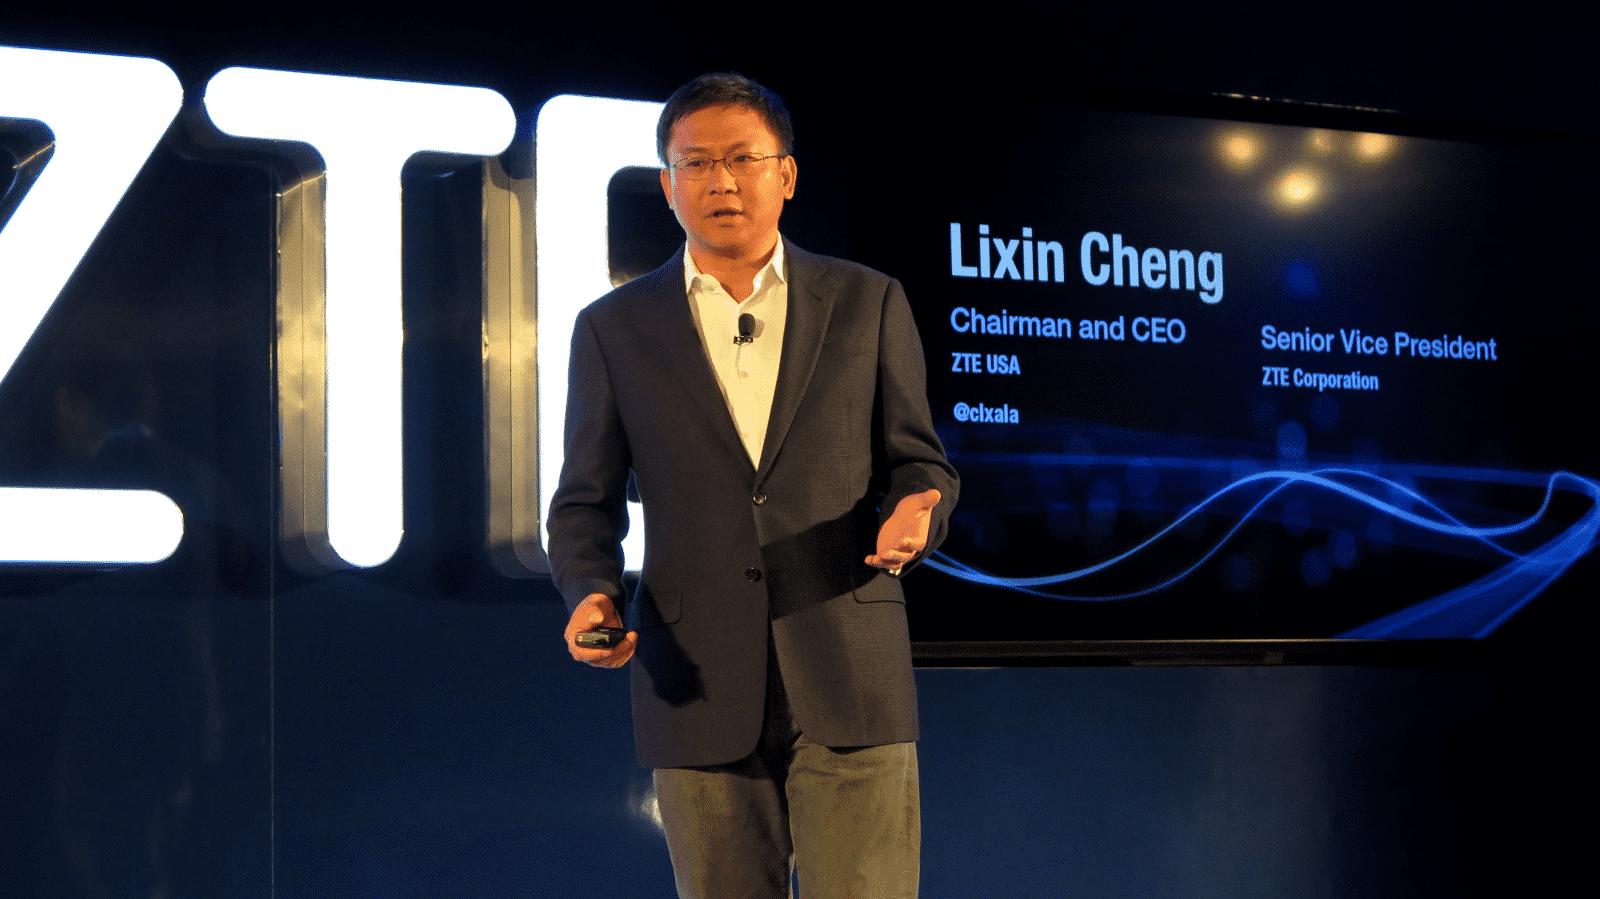 Lixin Chen, CEO ZTE USA